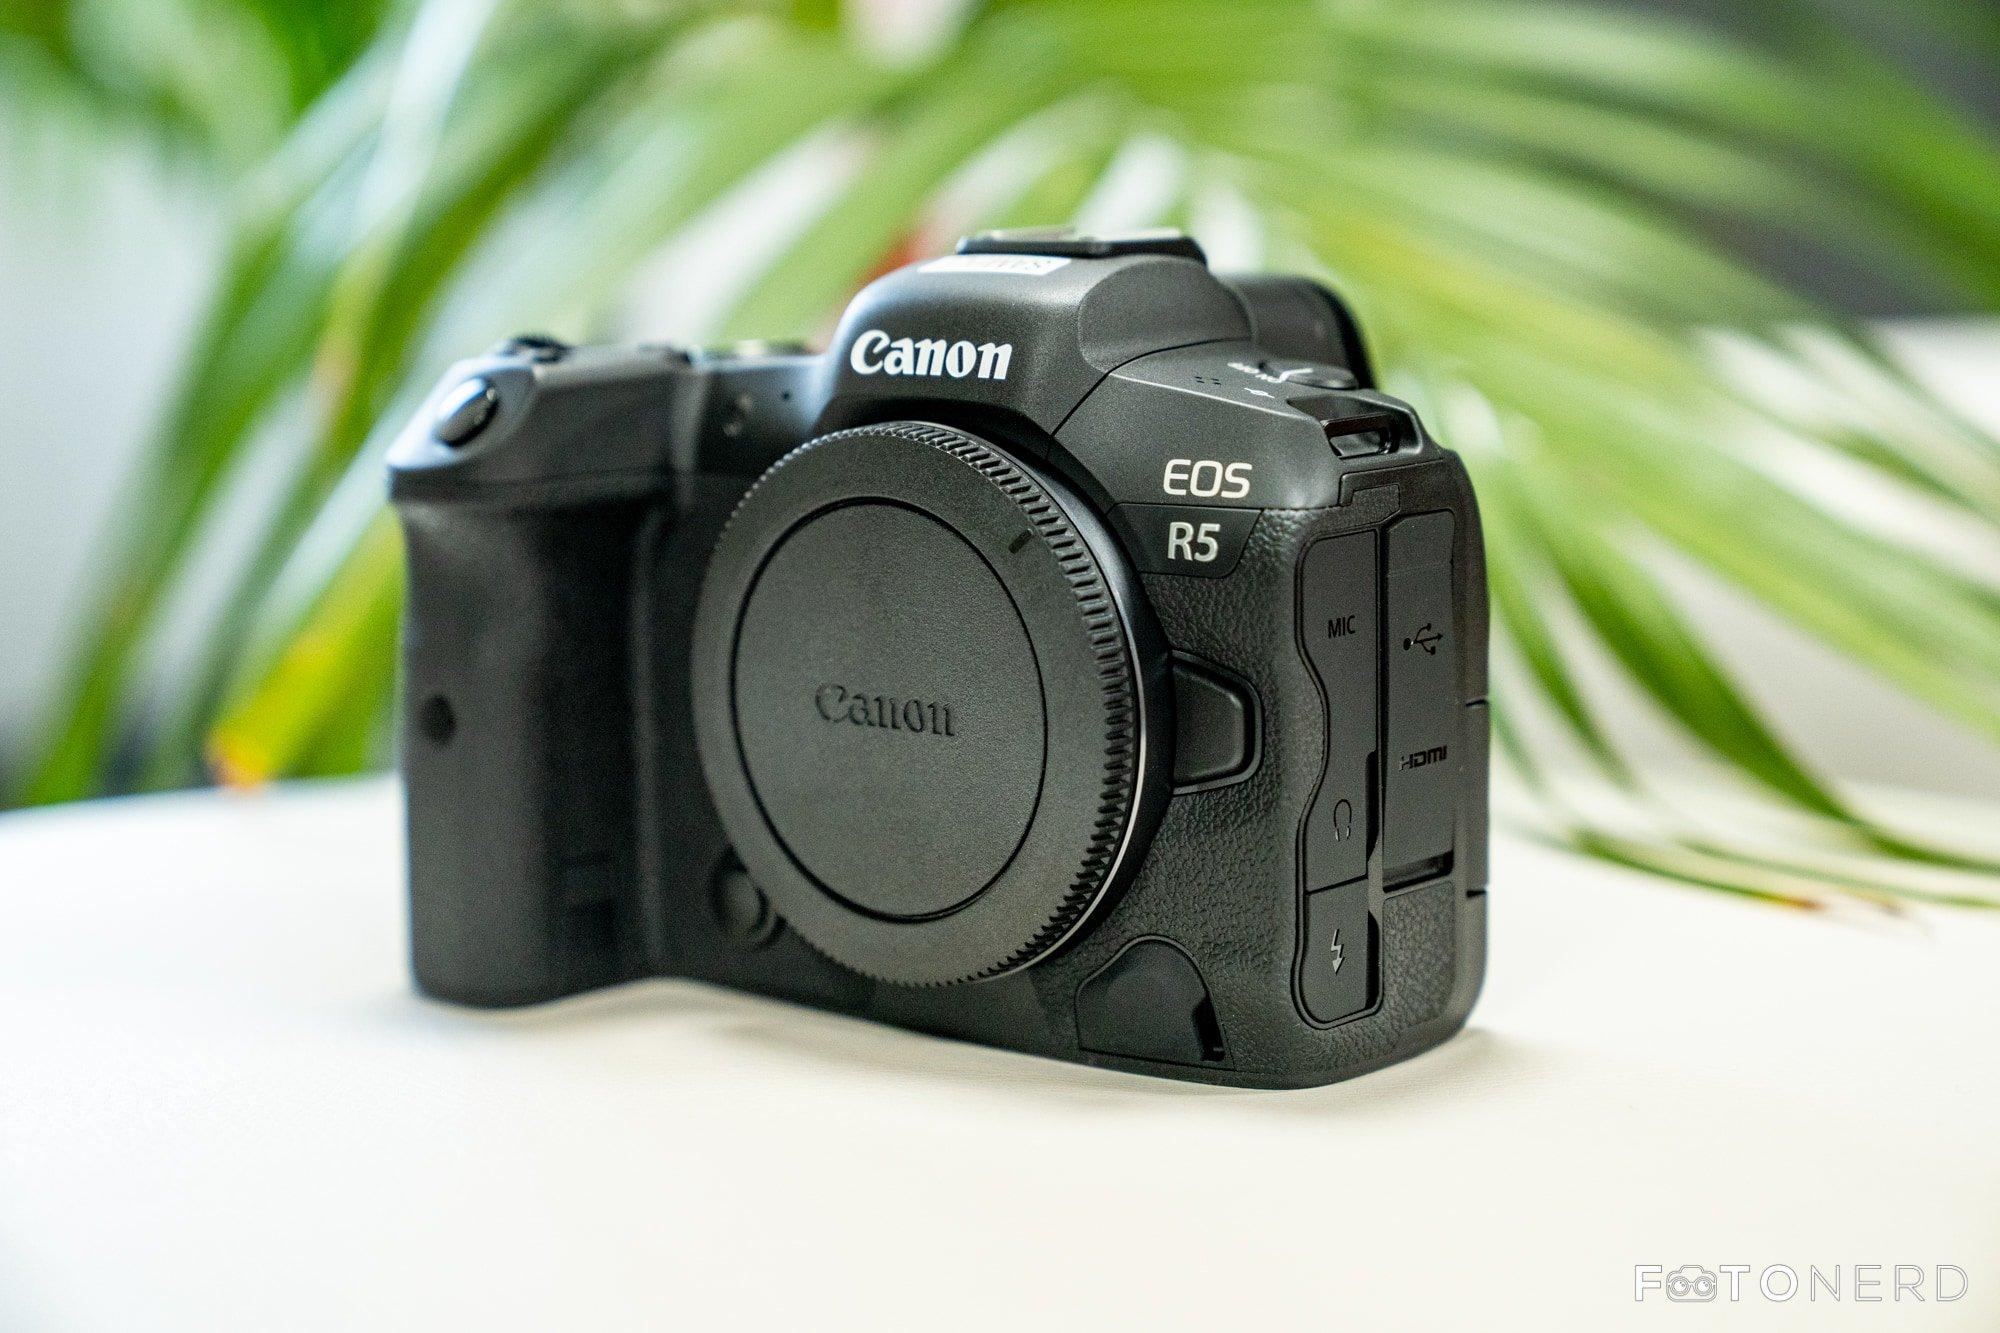 Canon EOS R5 aggiornamento 1.3